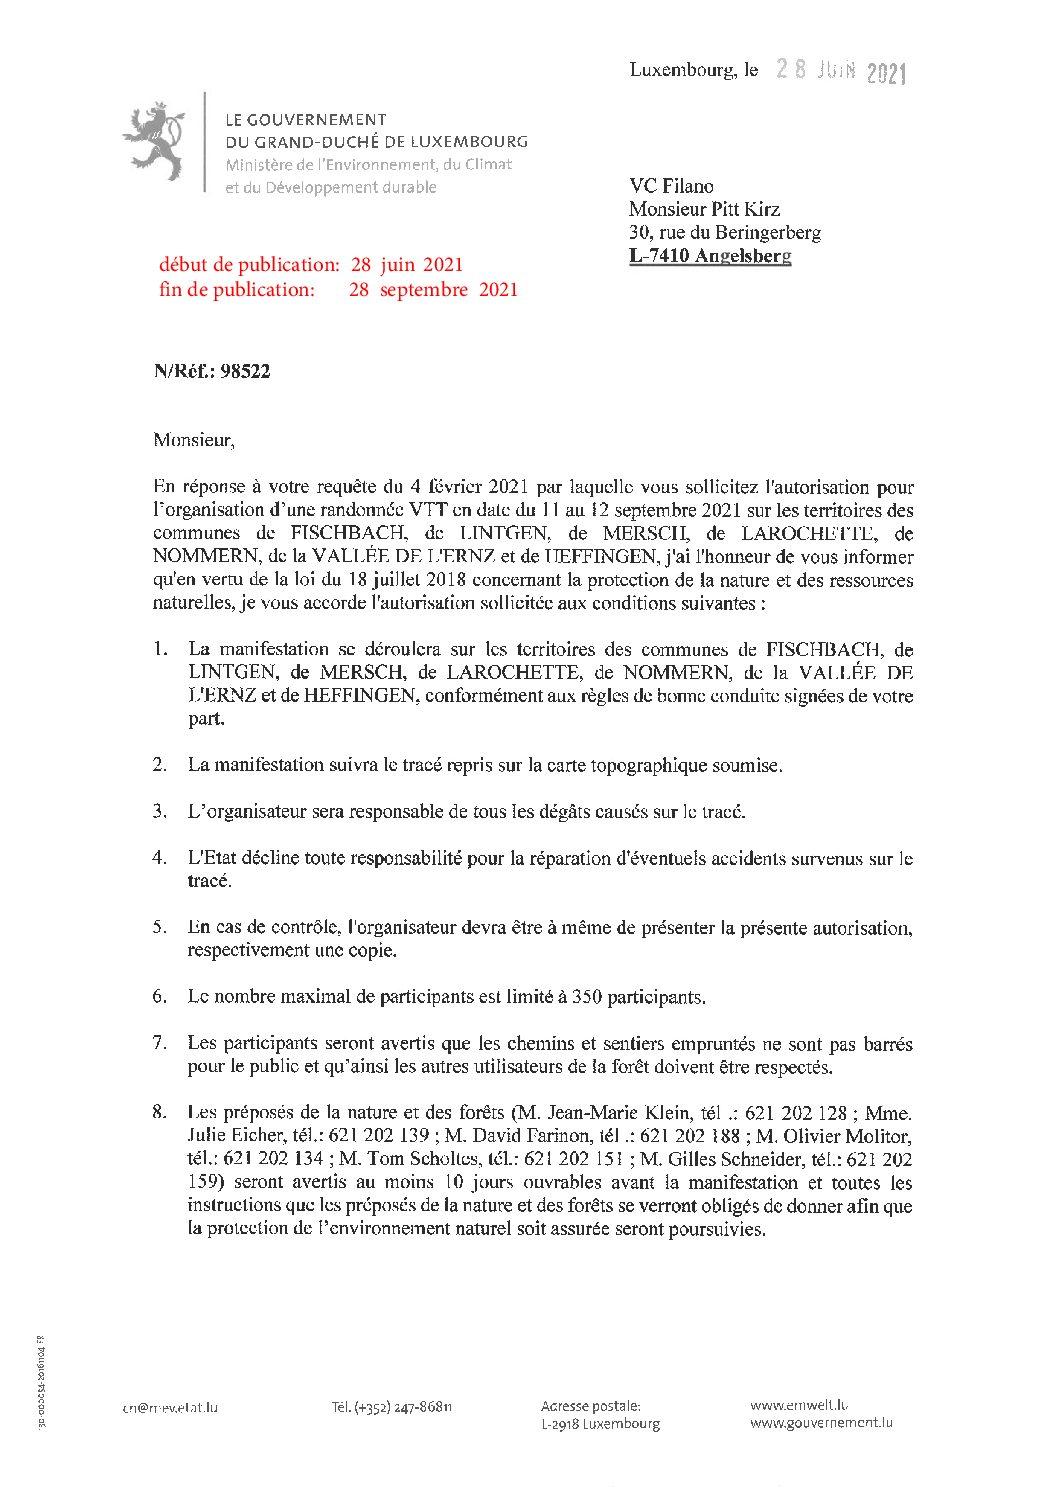 VC Filano : Randonnée VTT en date du 11 au 12 septembre 2021